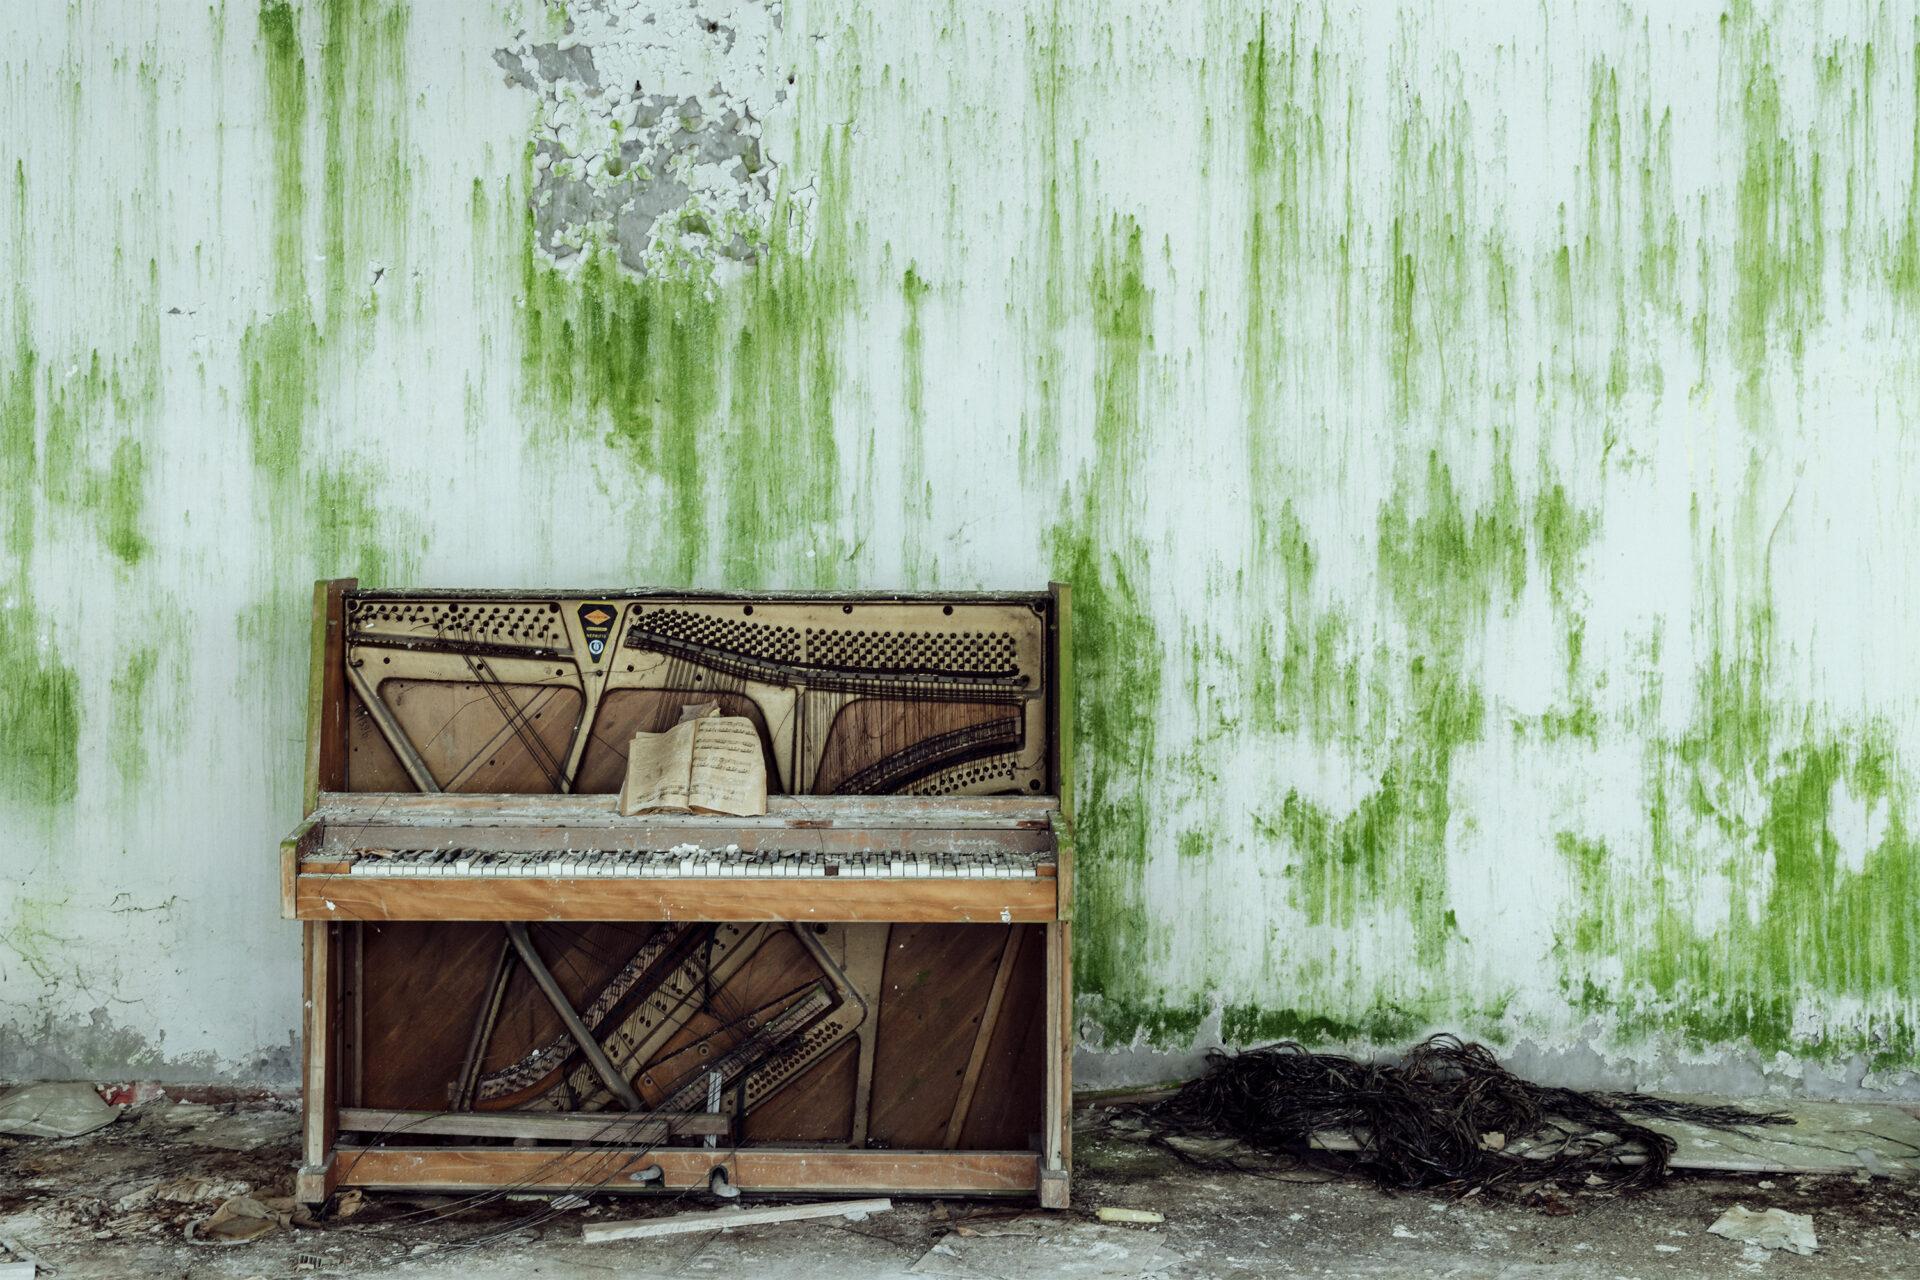 Requiem pour pianos 88 | Serie Requiem pour pianos | Romain Thiery